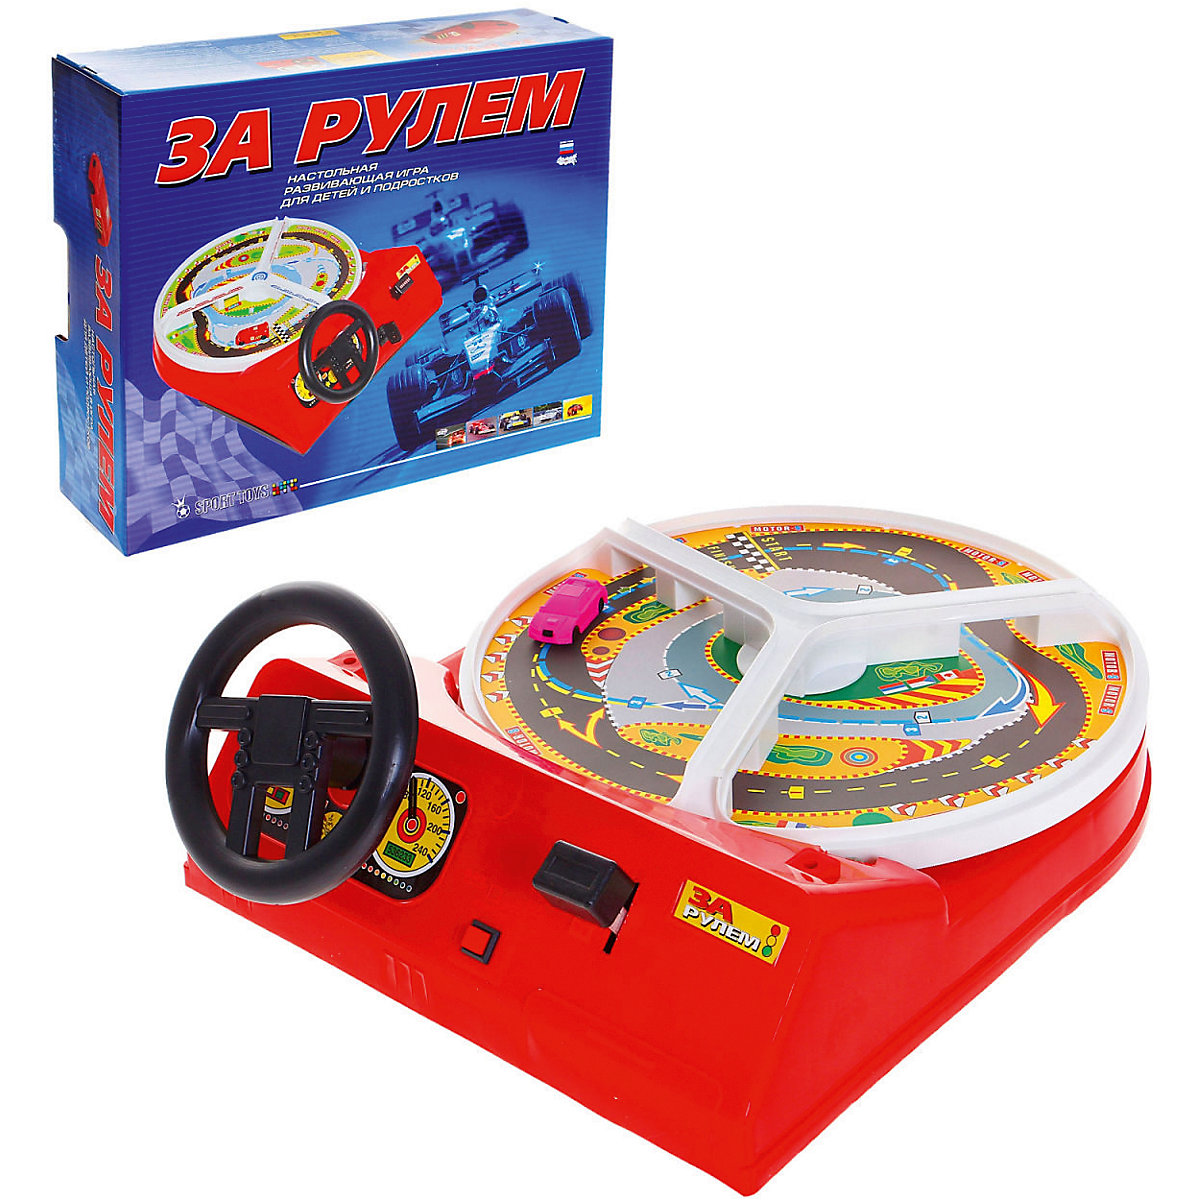 Salle de jeux omskiy zavod elektrotovarov 7766969 jouets jeu de société jeux éducatifs pour enfants salle de jeux pour garçons filles